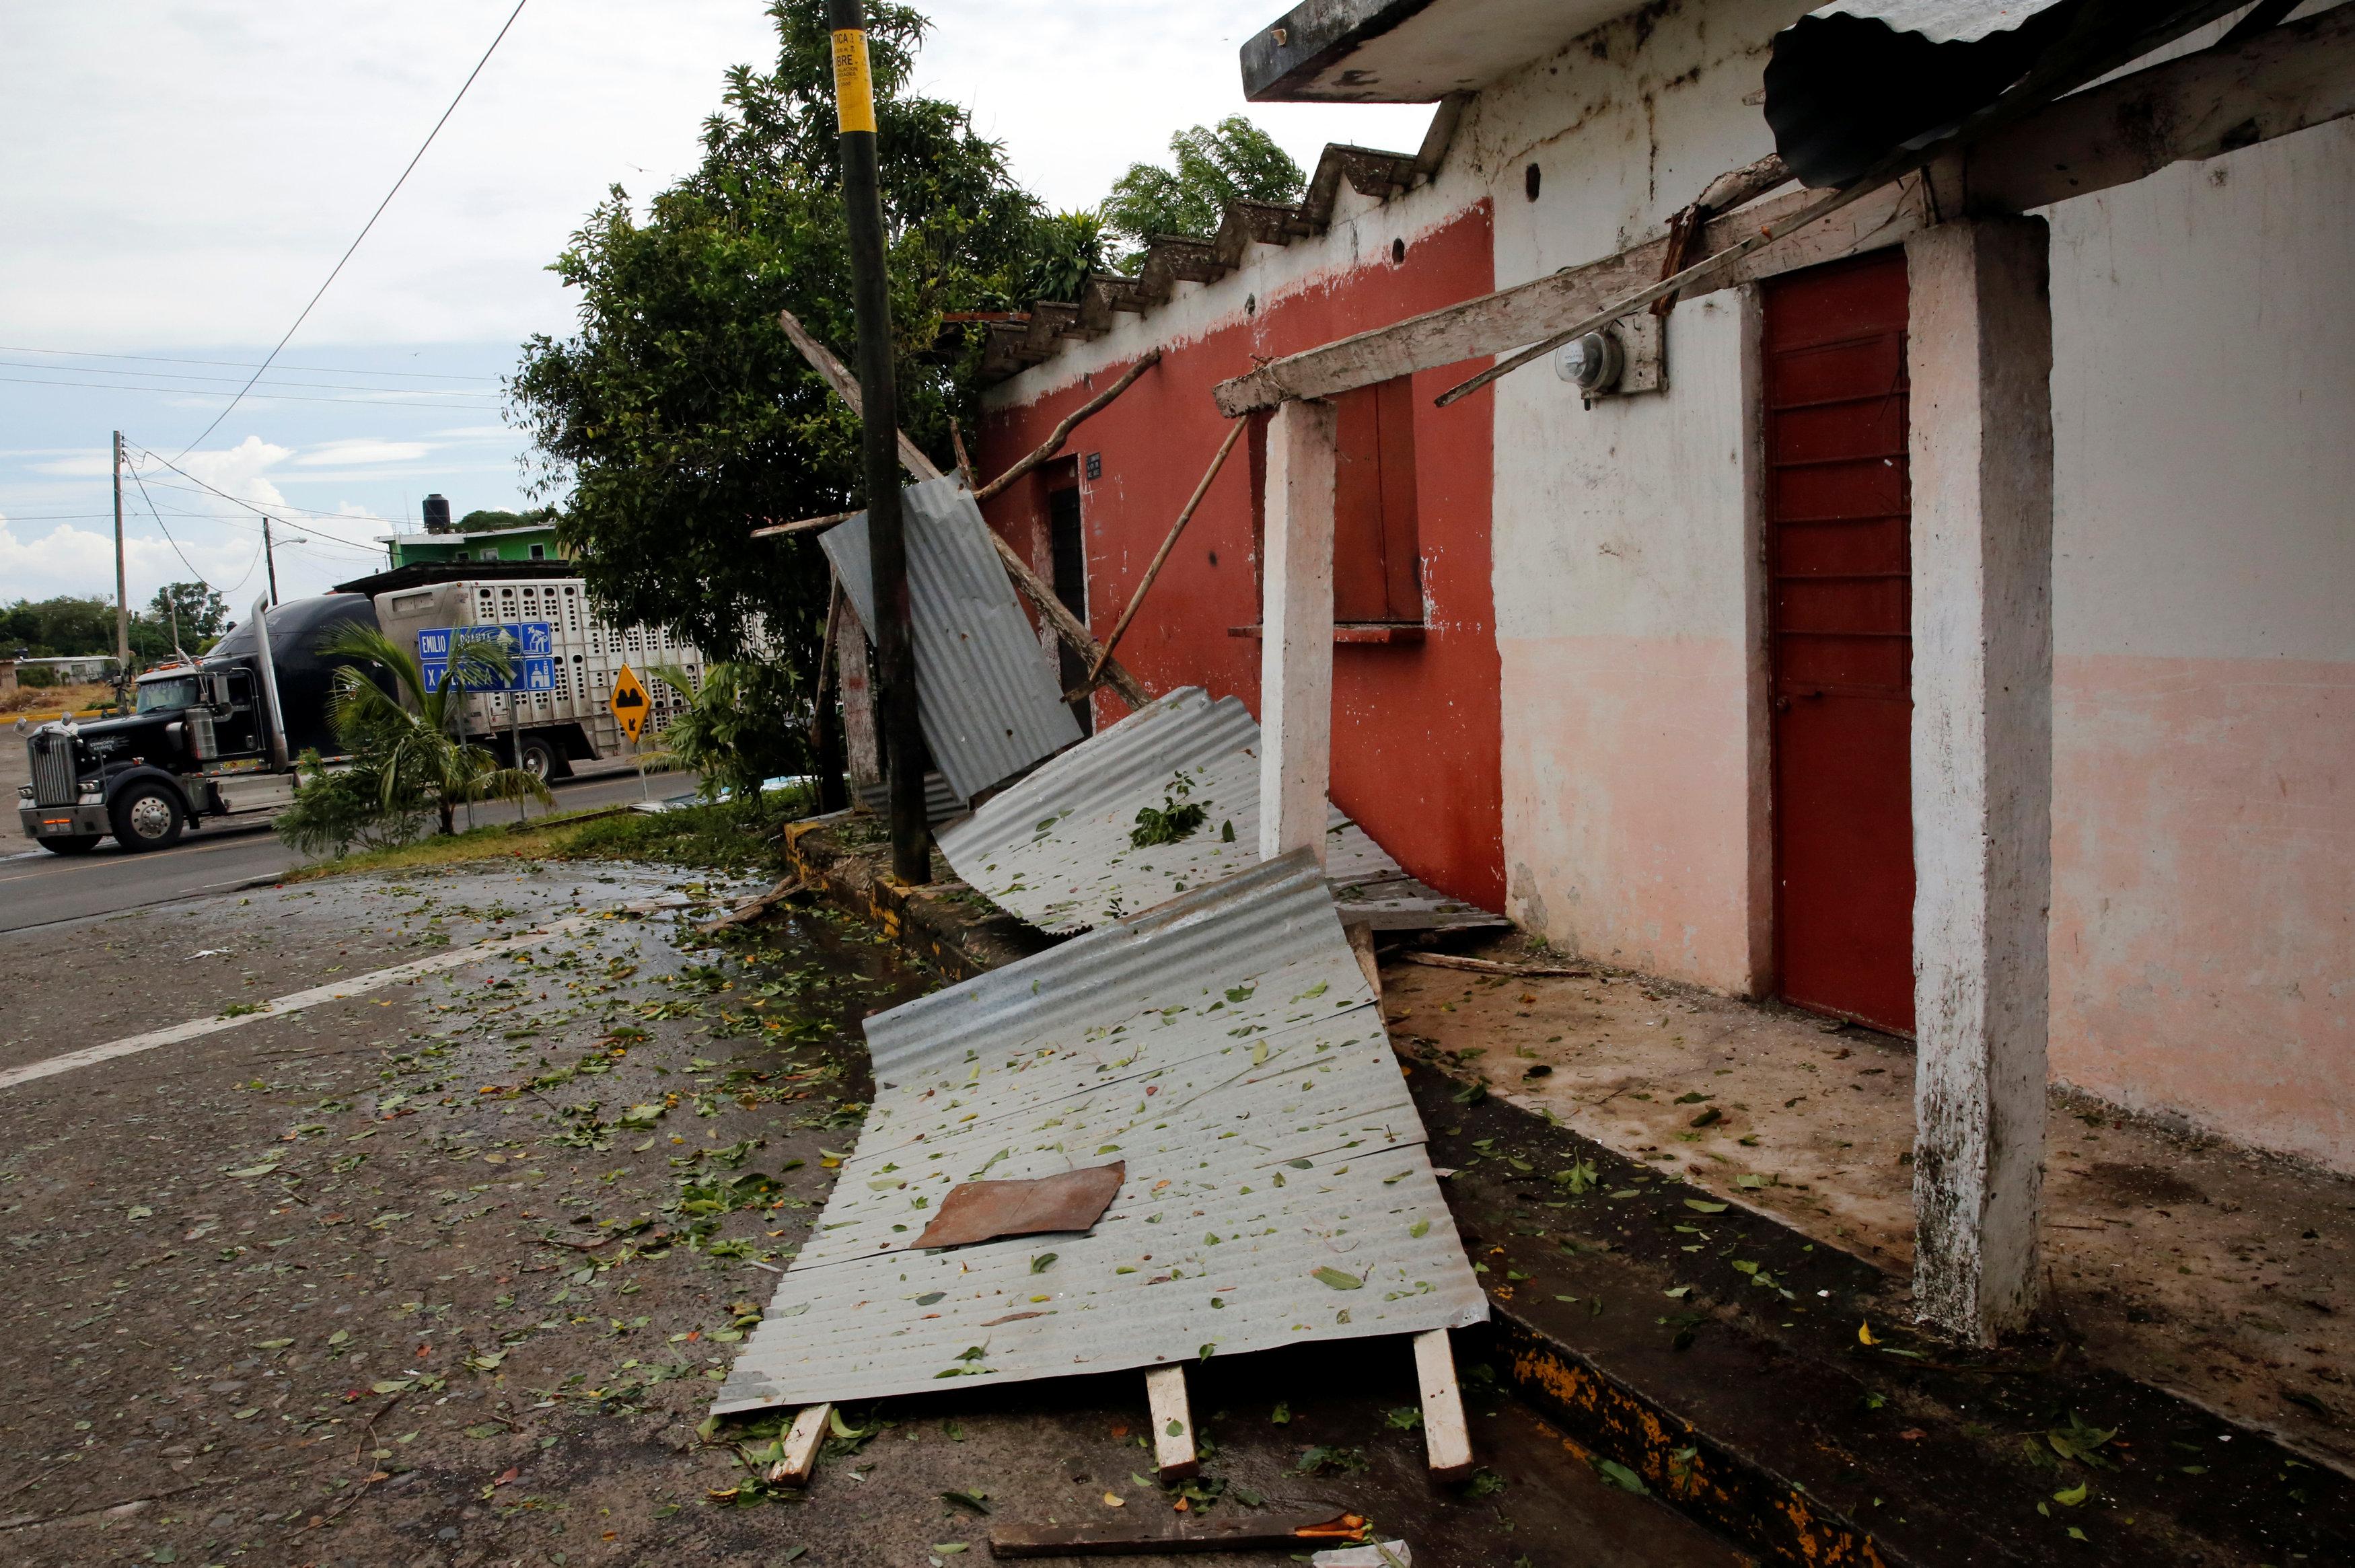 منزل دمر بسبب الإعصار